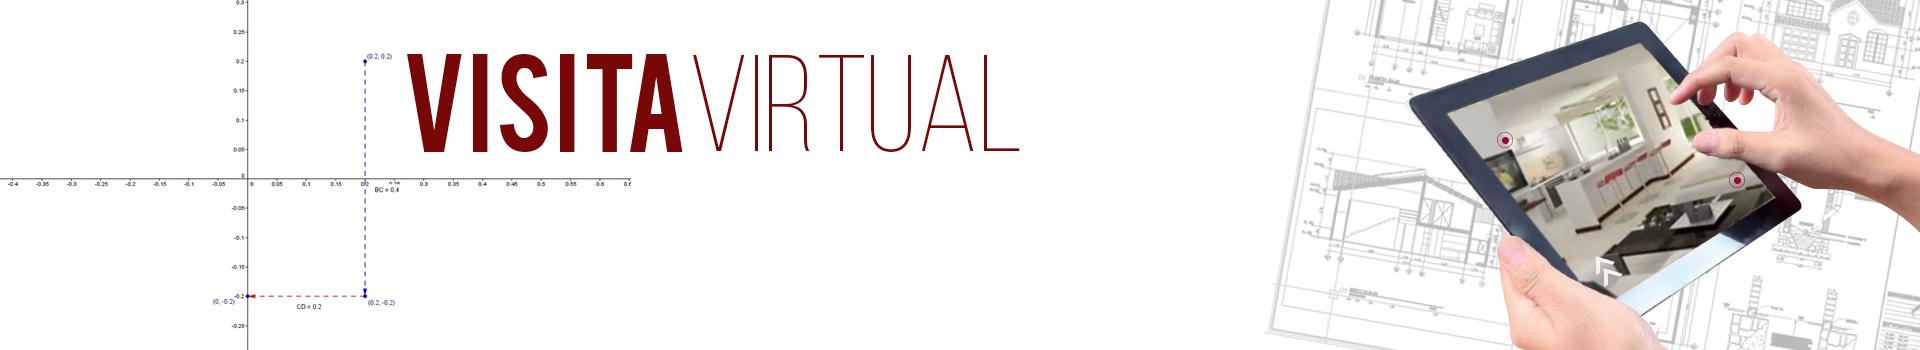 banner-visita-virtual